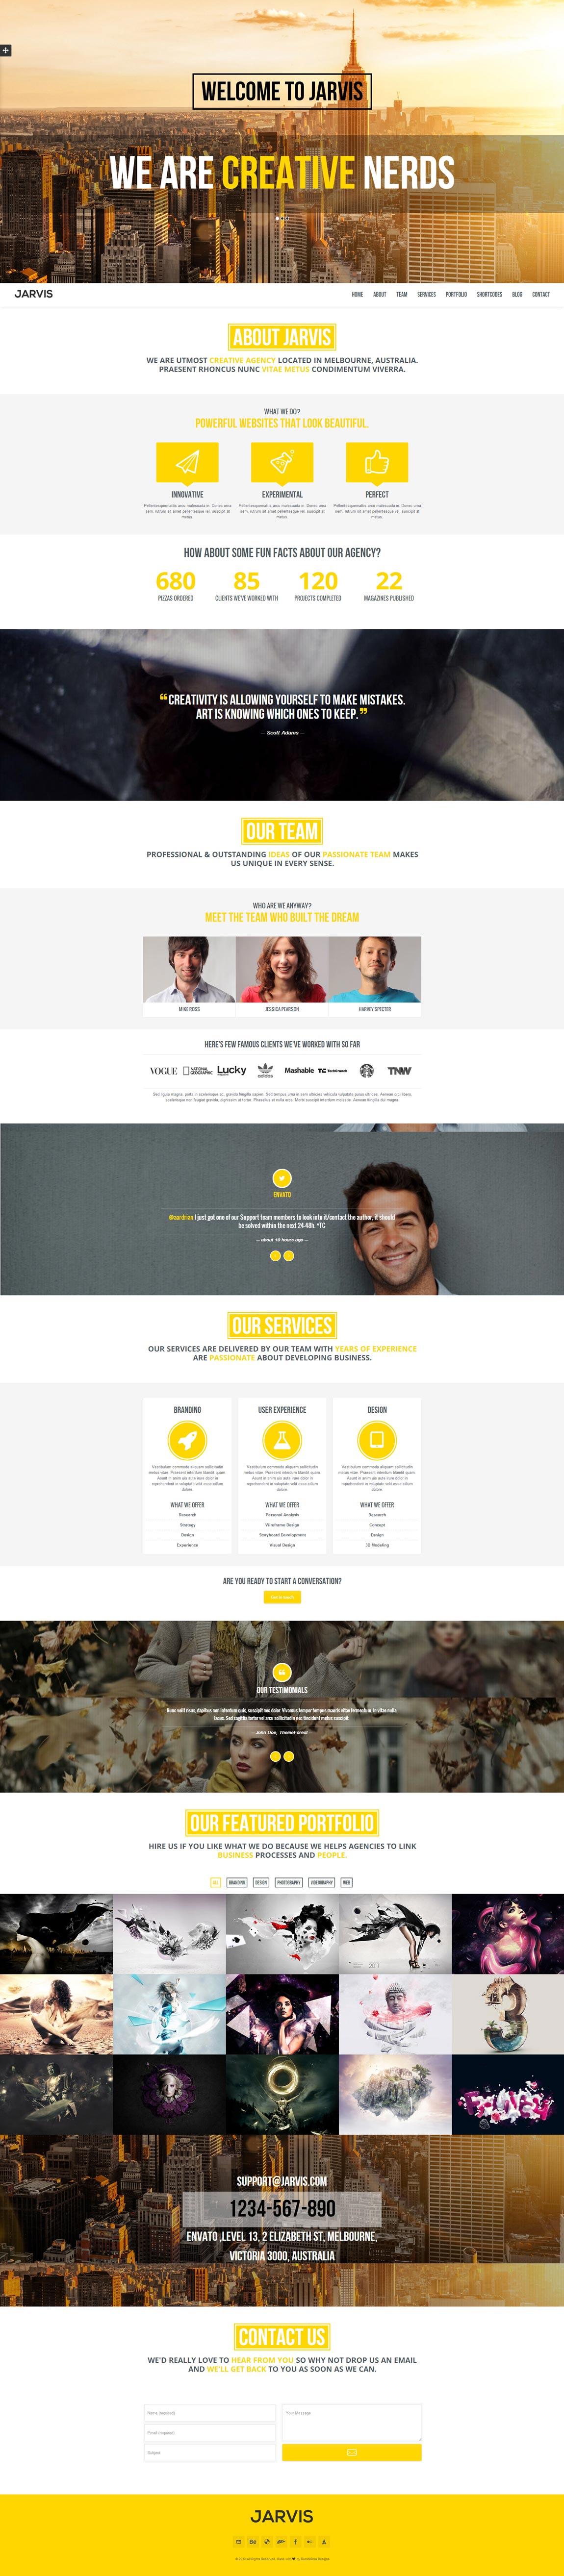 Jarvis Website Screenshot